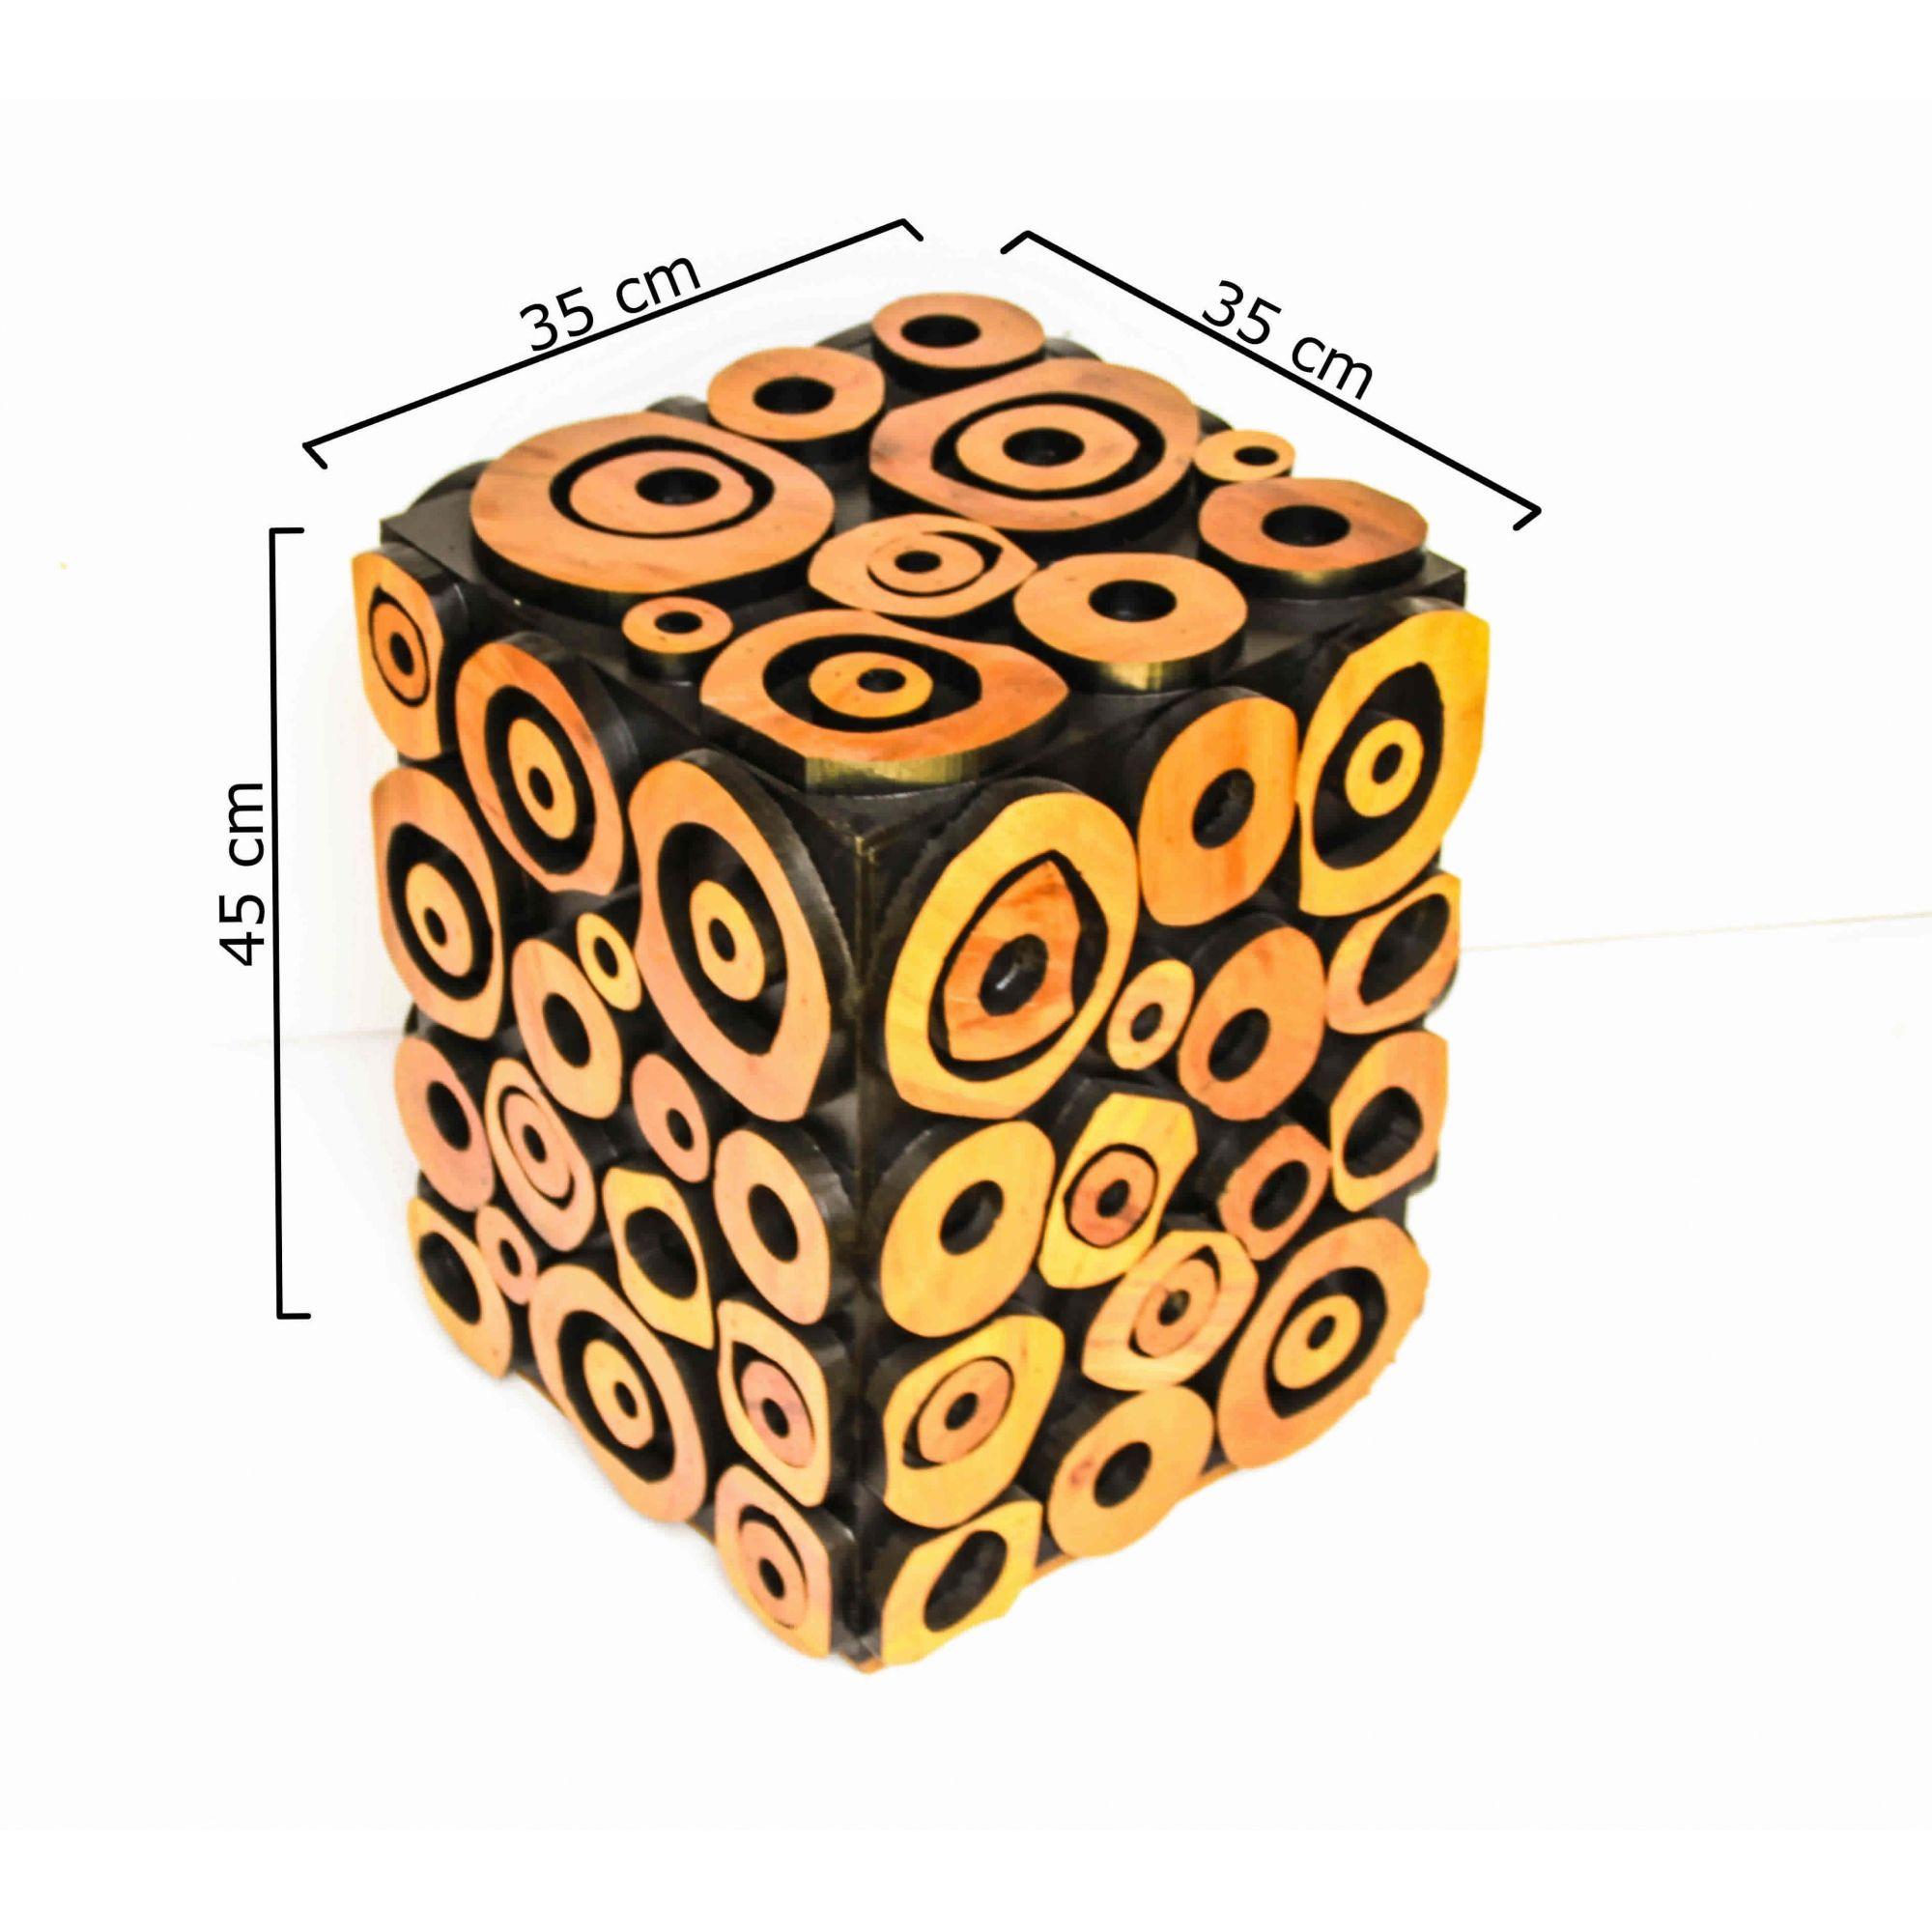 Banco Banqueta Bola Em Madeira De Demolição 35x35x45